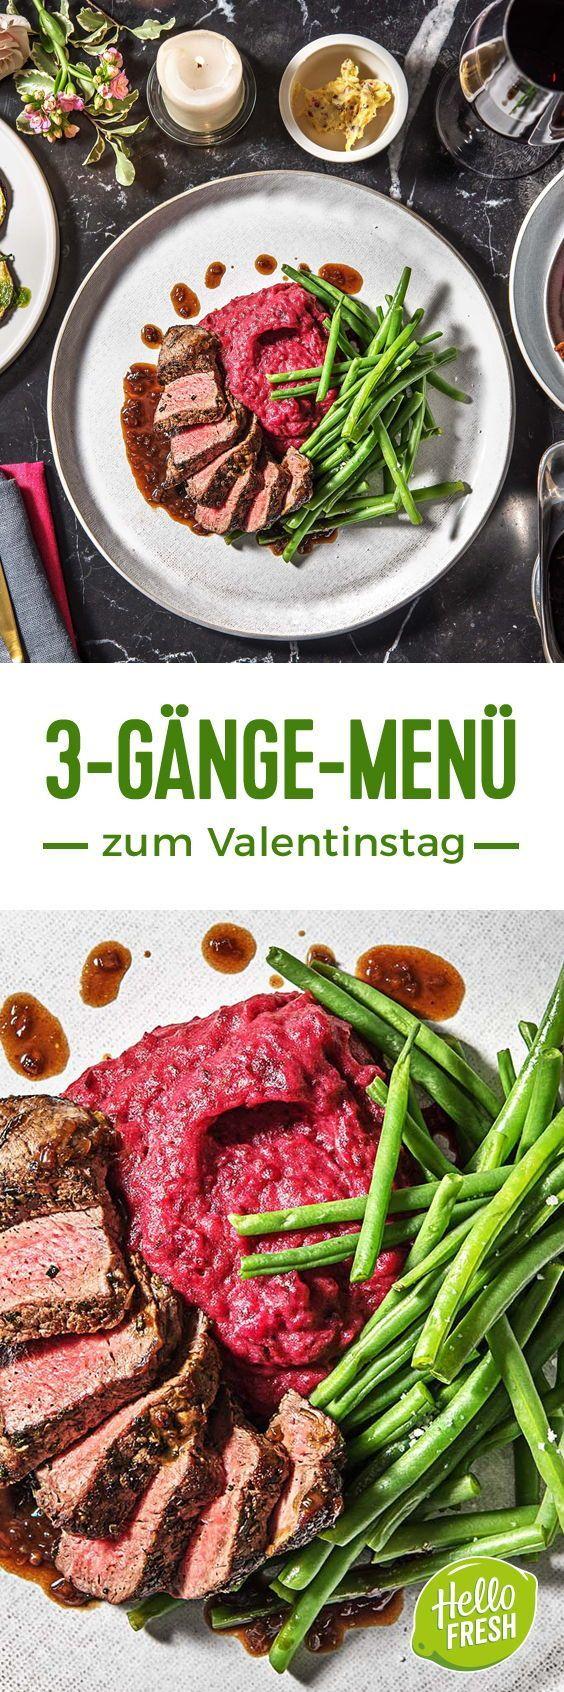 3-course Valentine's Day menu with carpaccio, steak with pink mash and chocolate mousse  - Festlicher Tisch   Dekoration & Anrichtung -